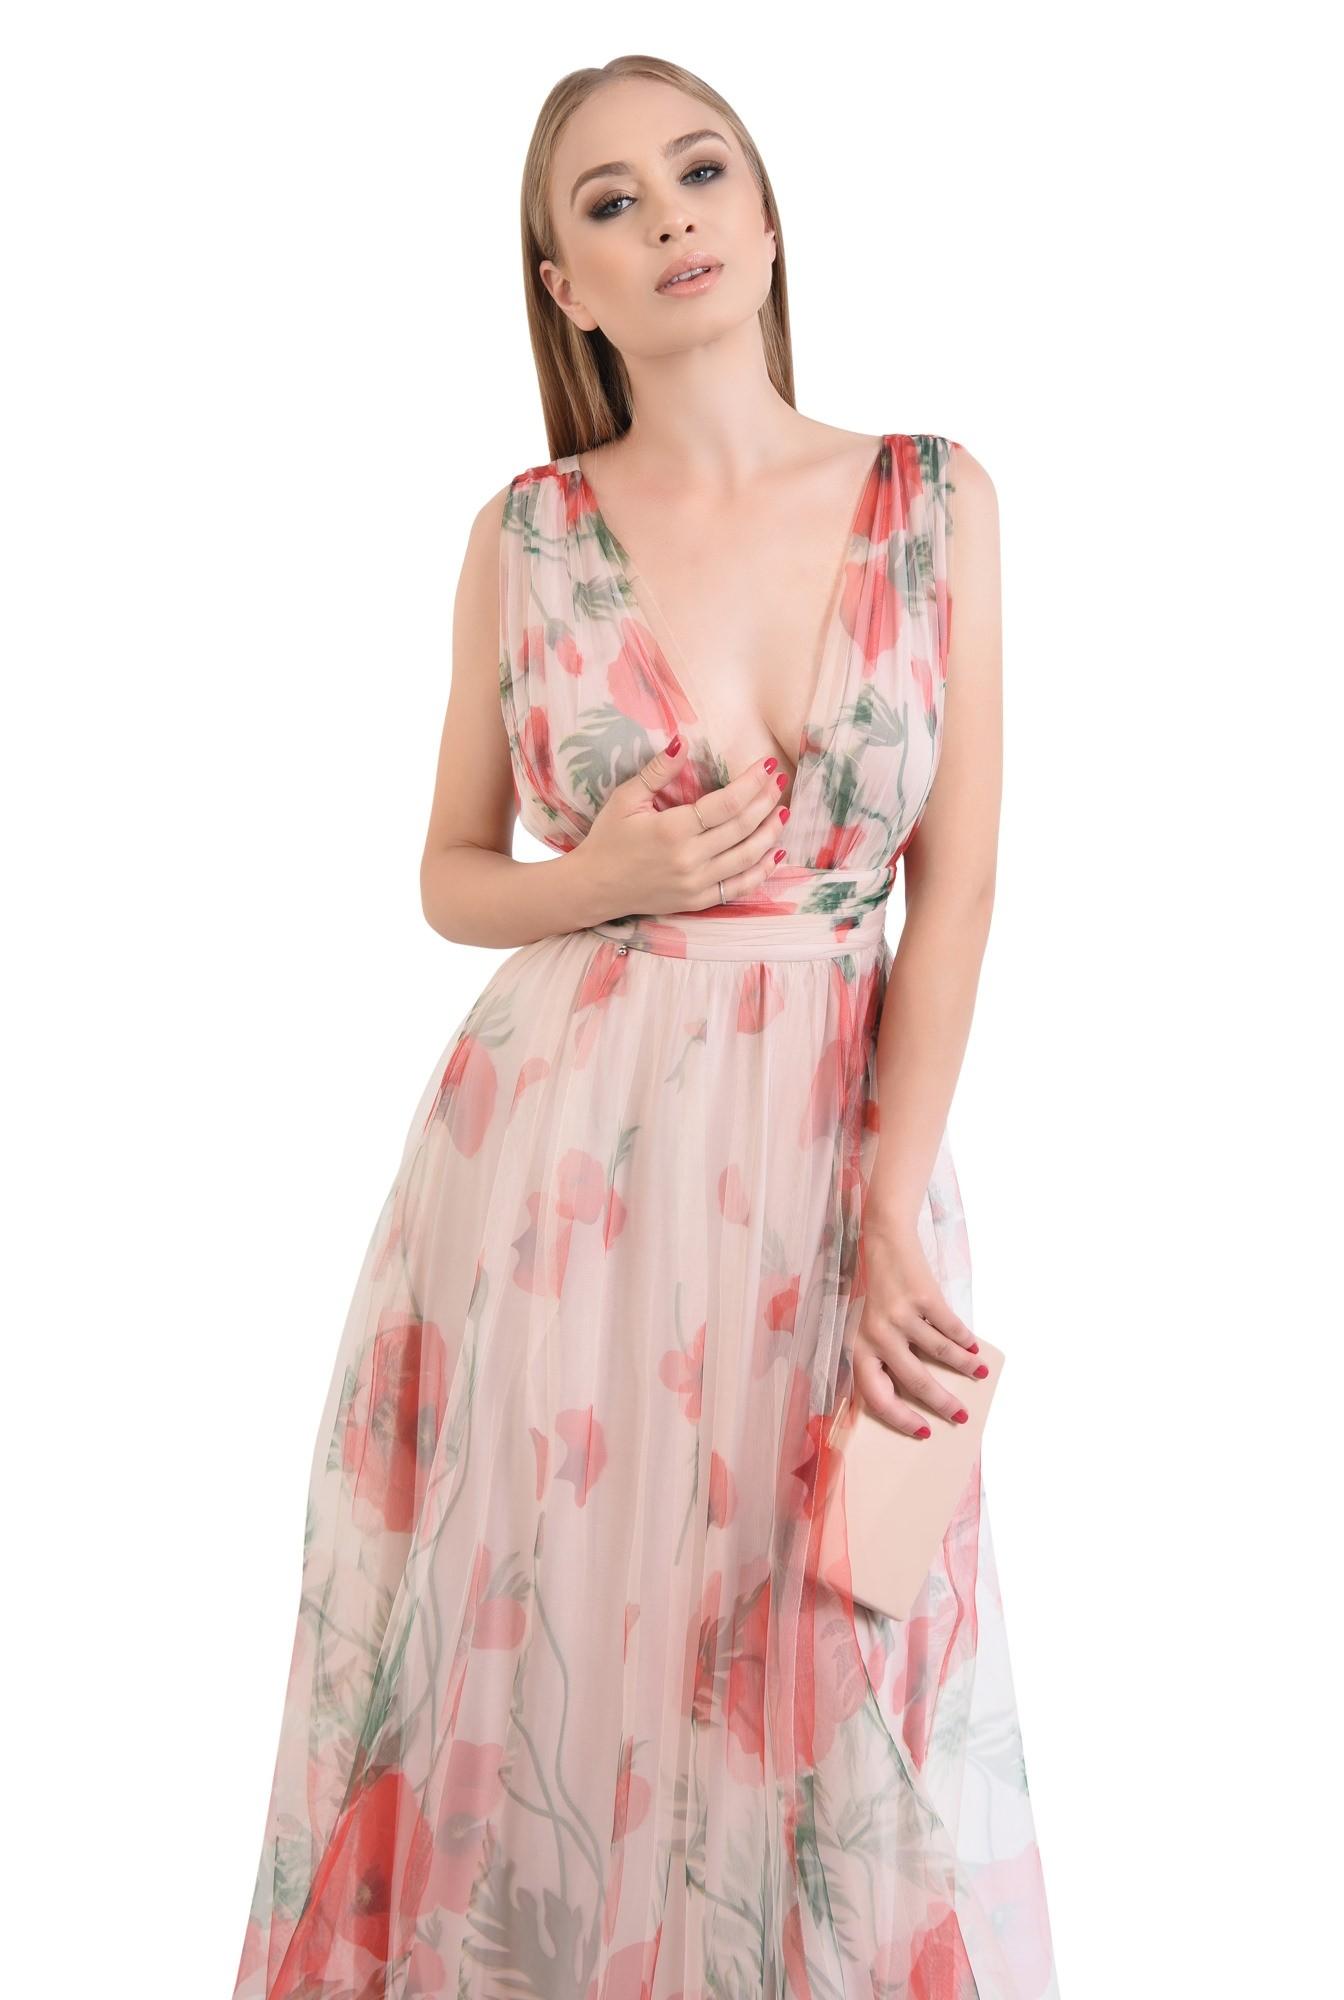 0 - rochie de seara, lunga, din tul, imprimeu floral